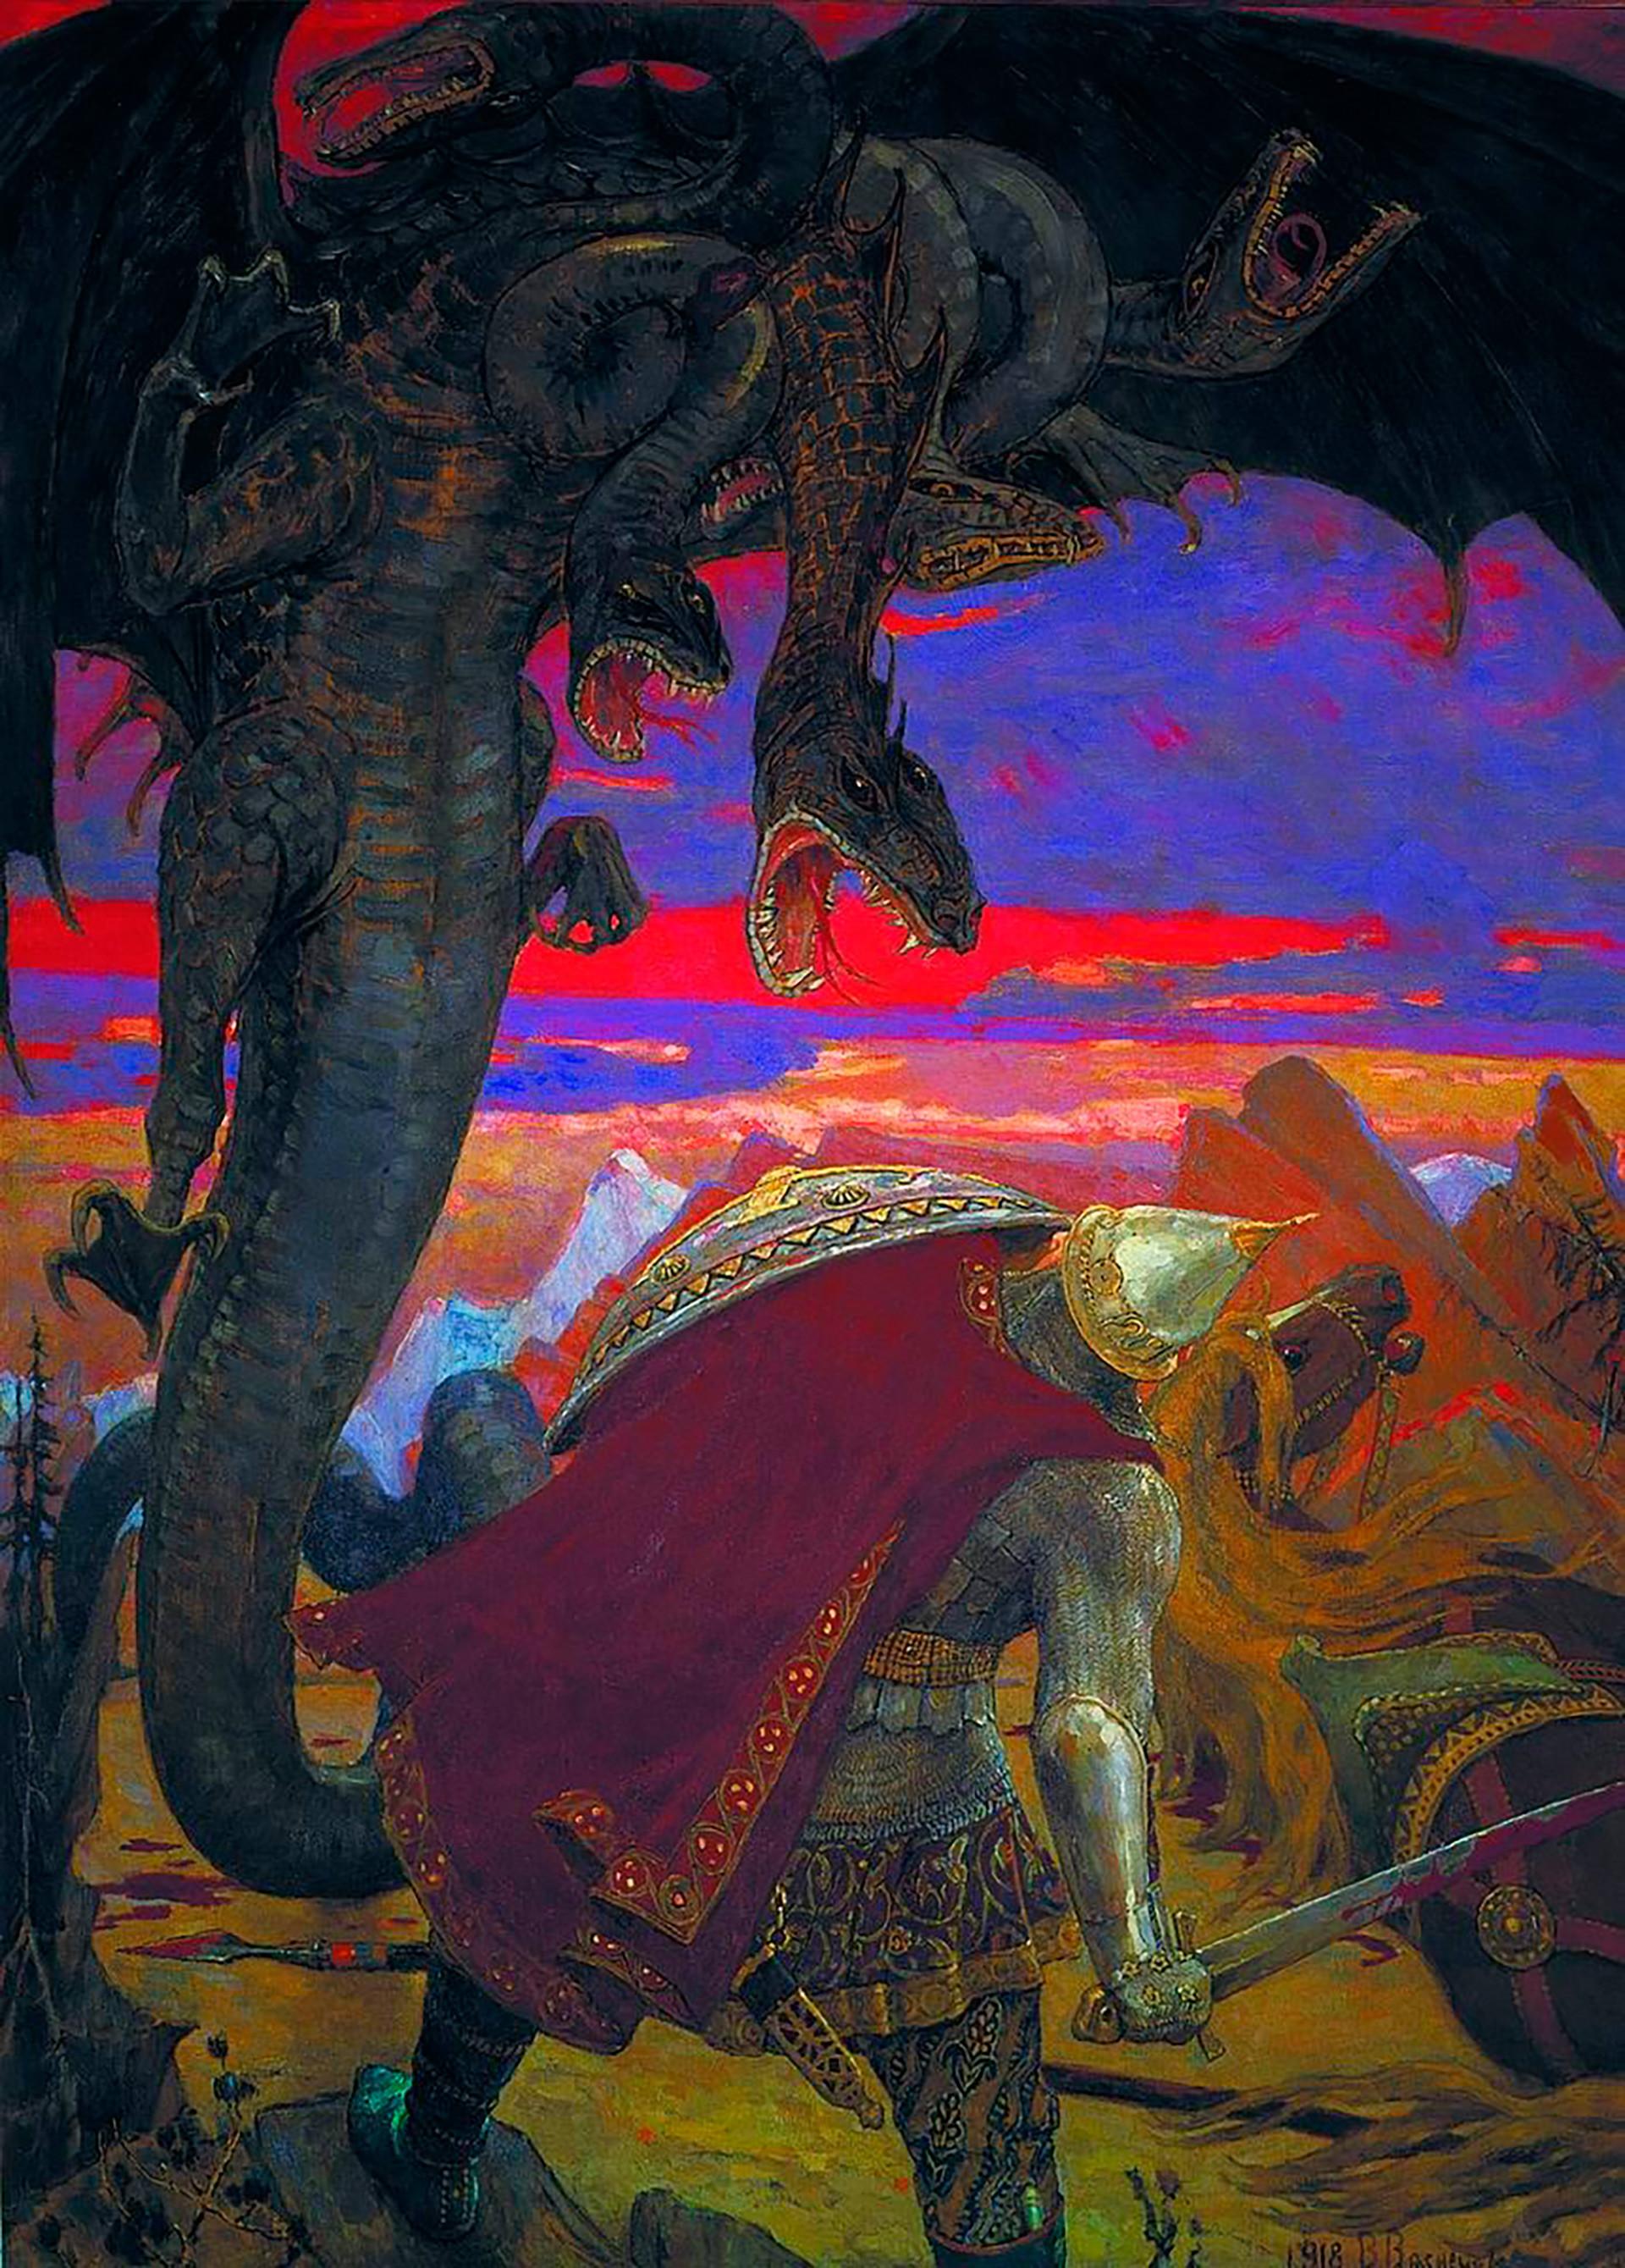 """Lukisan """"Pertarungan Dobrynya Nikitich dan Zmey Gorynych Berkepala Tujuh"""" (1918) oleh Viktor Vasnetsov."""